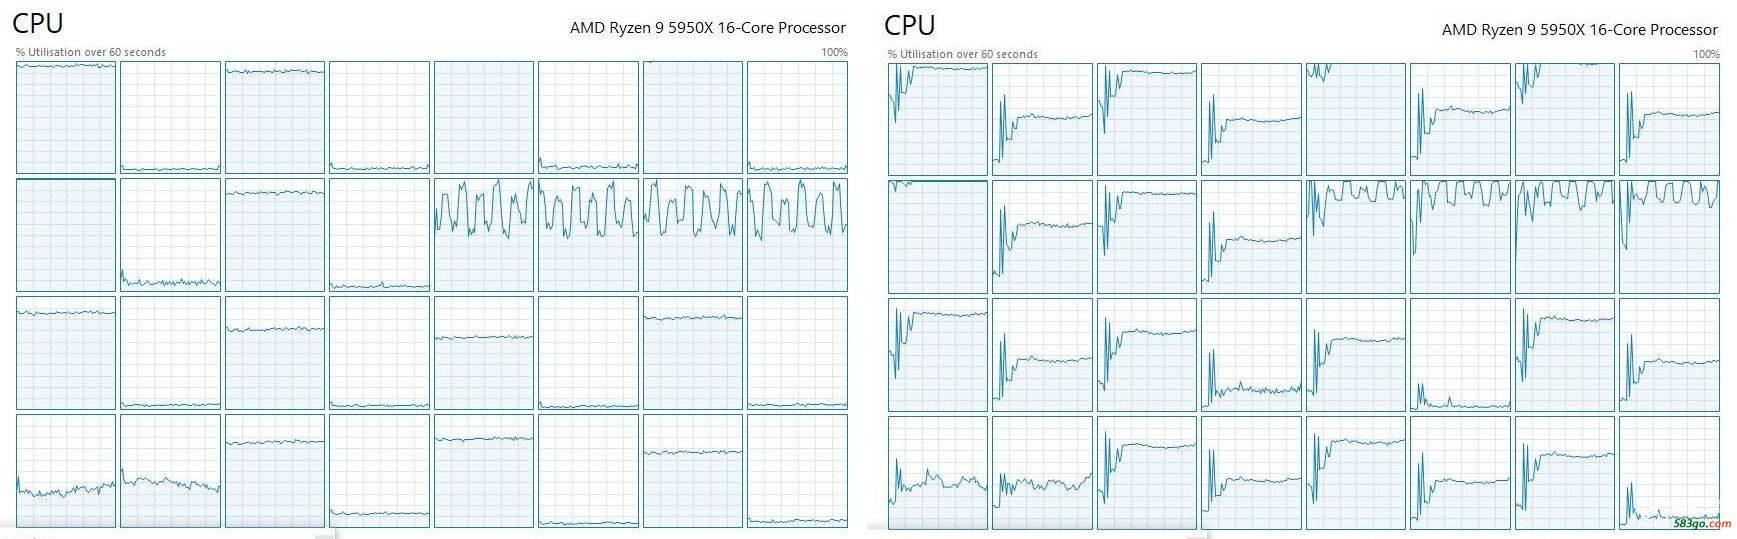 《赛博朋克2077》不支持AMD锐龙多线程:原因找到了